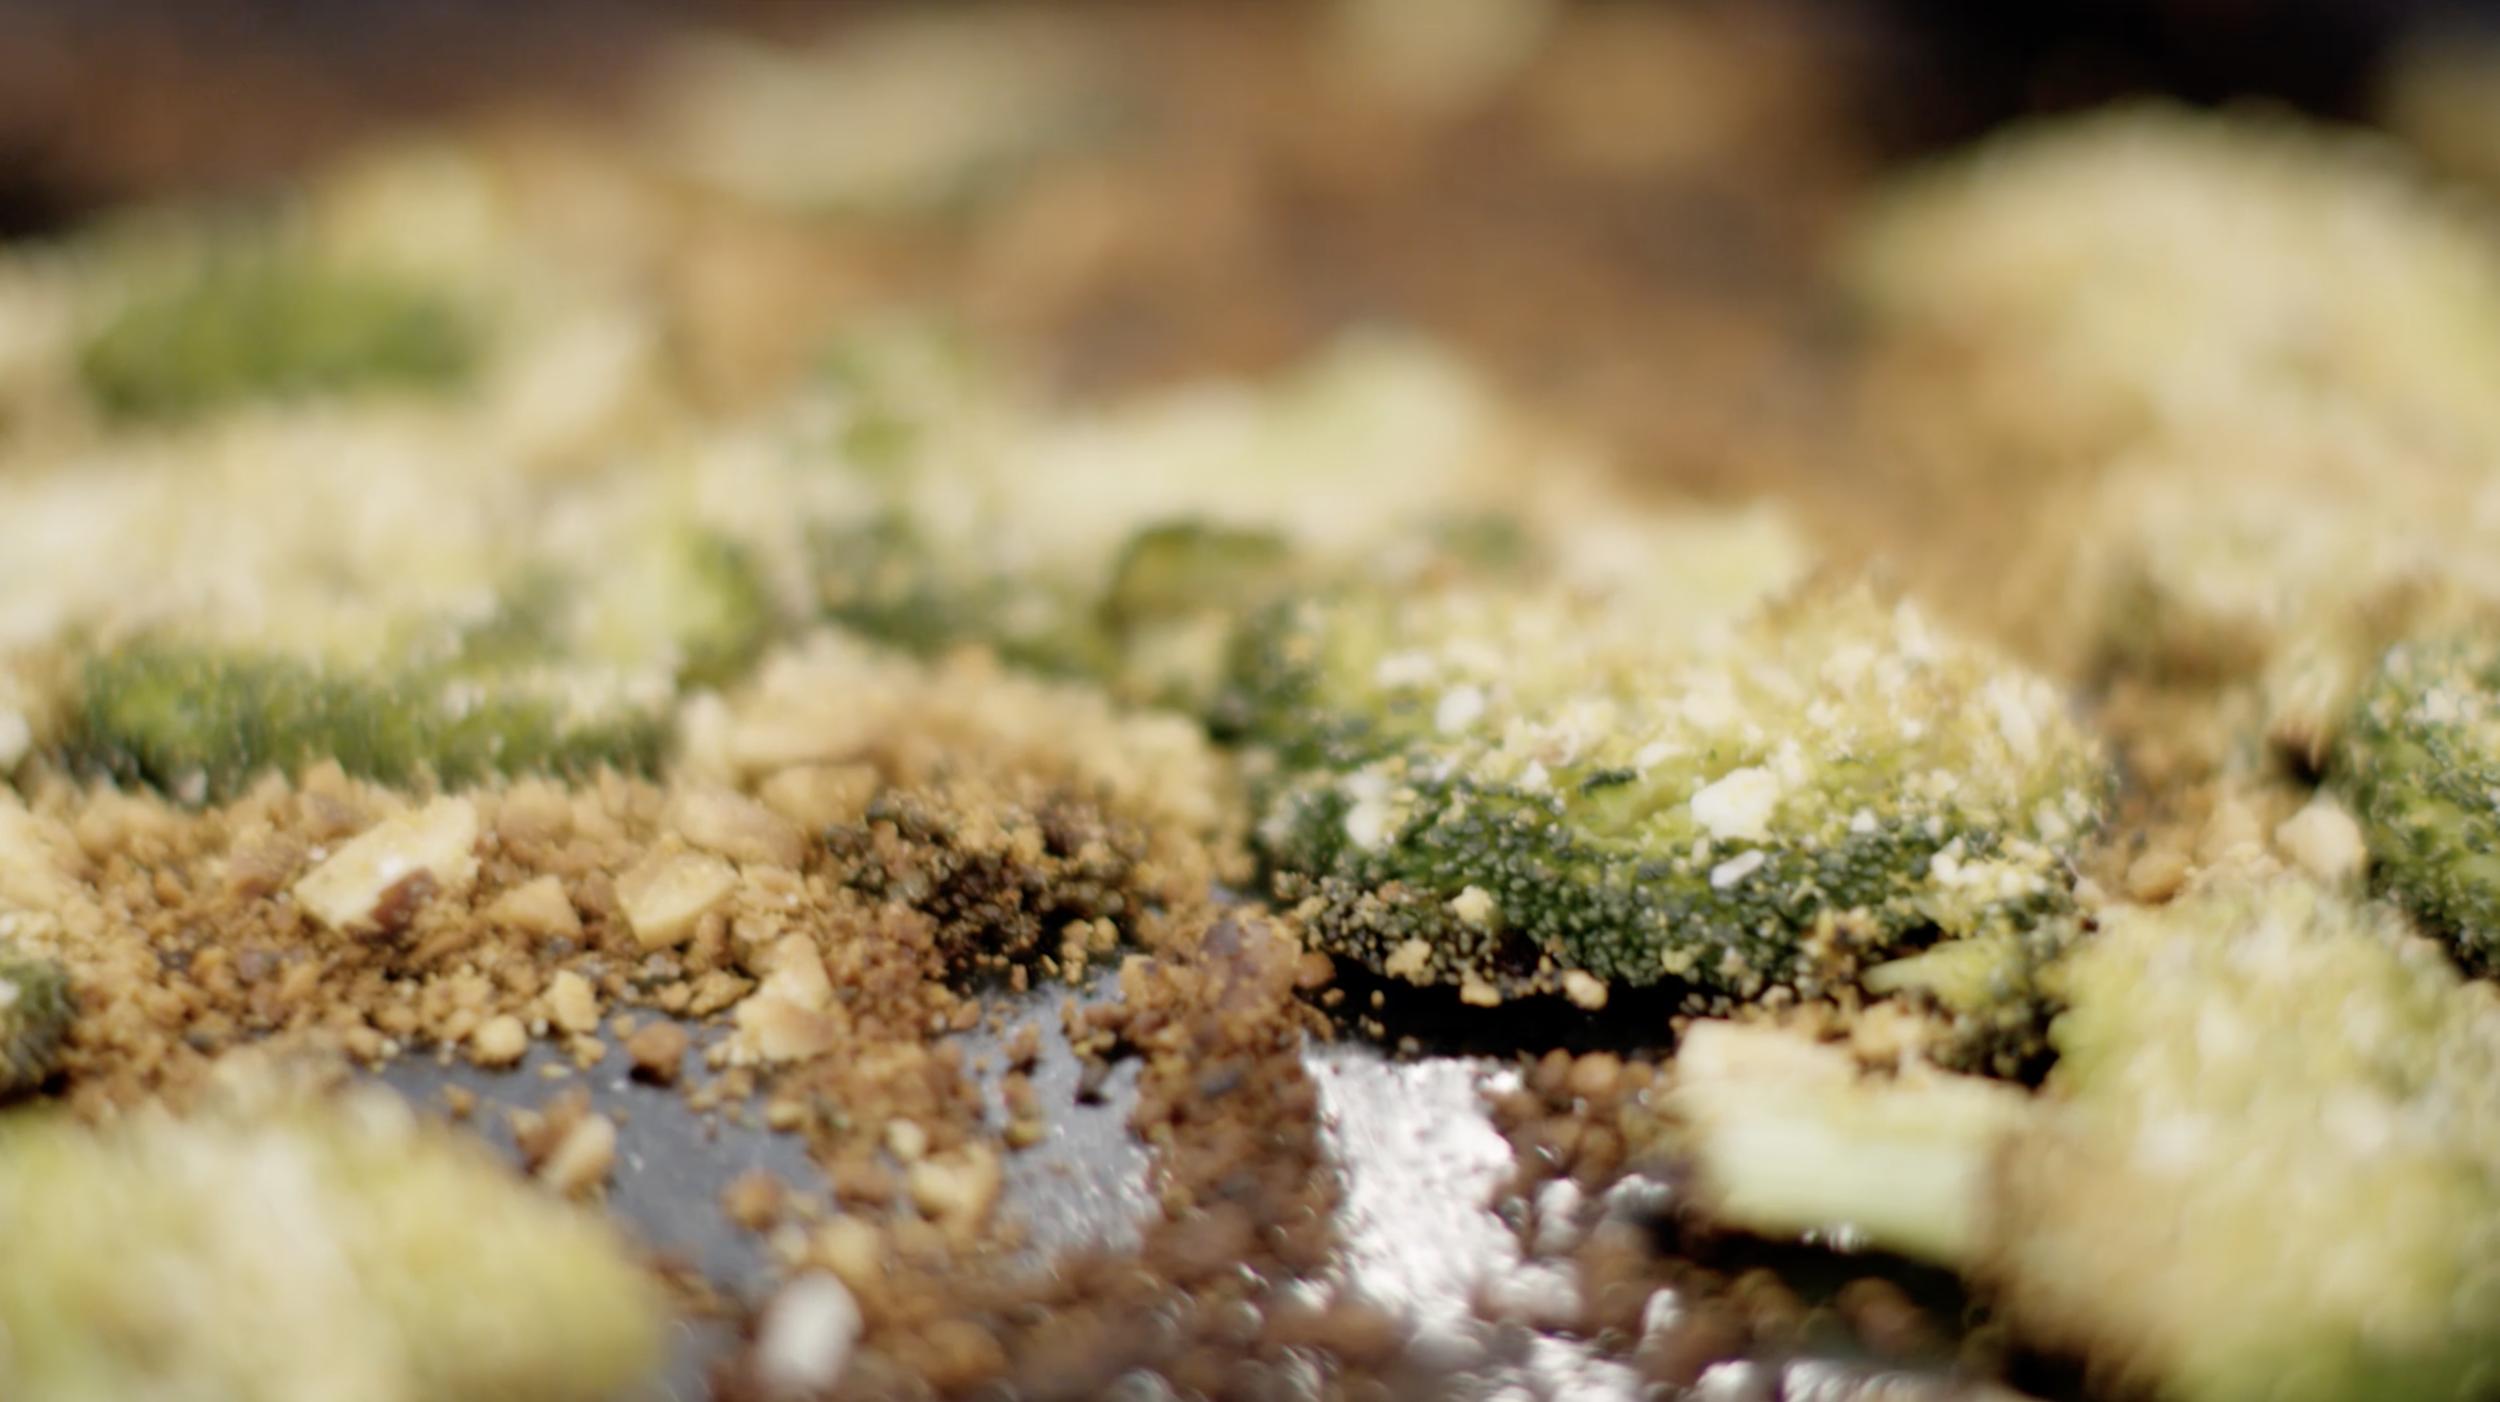 Smashed Broccoli